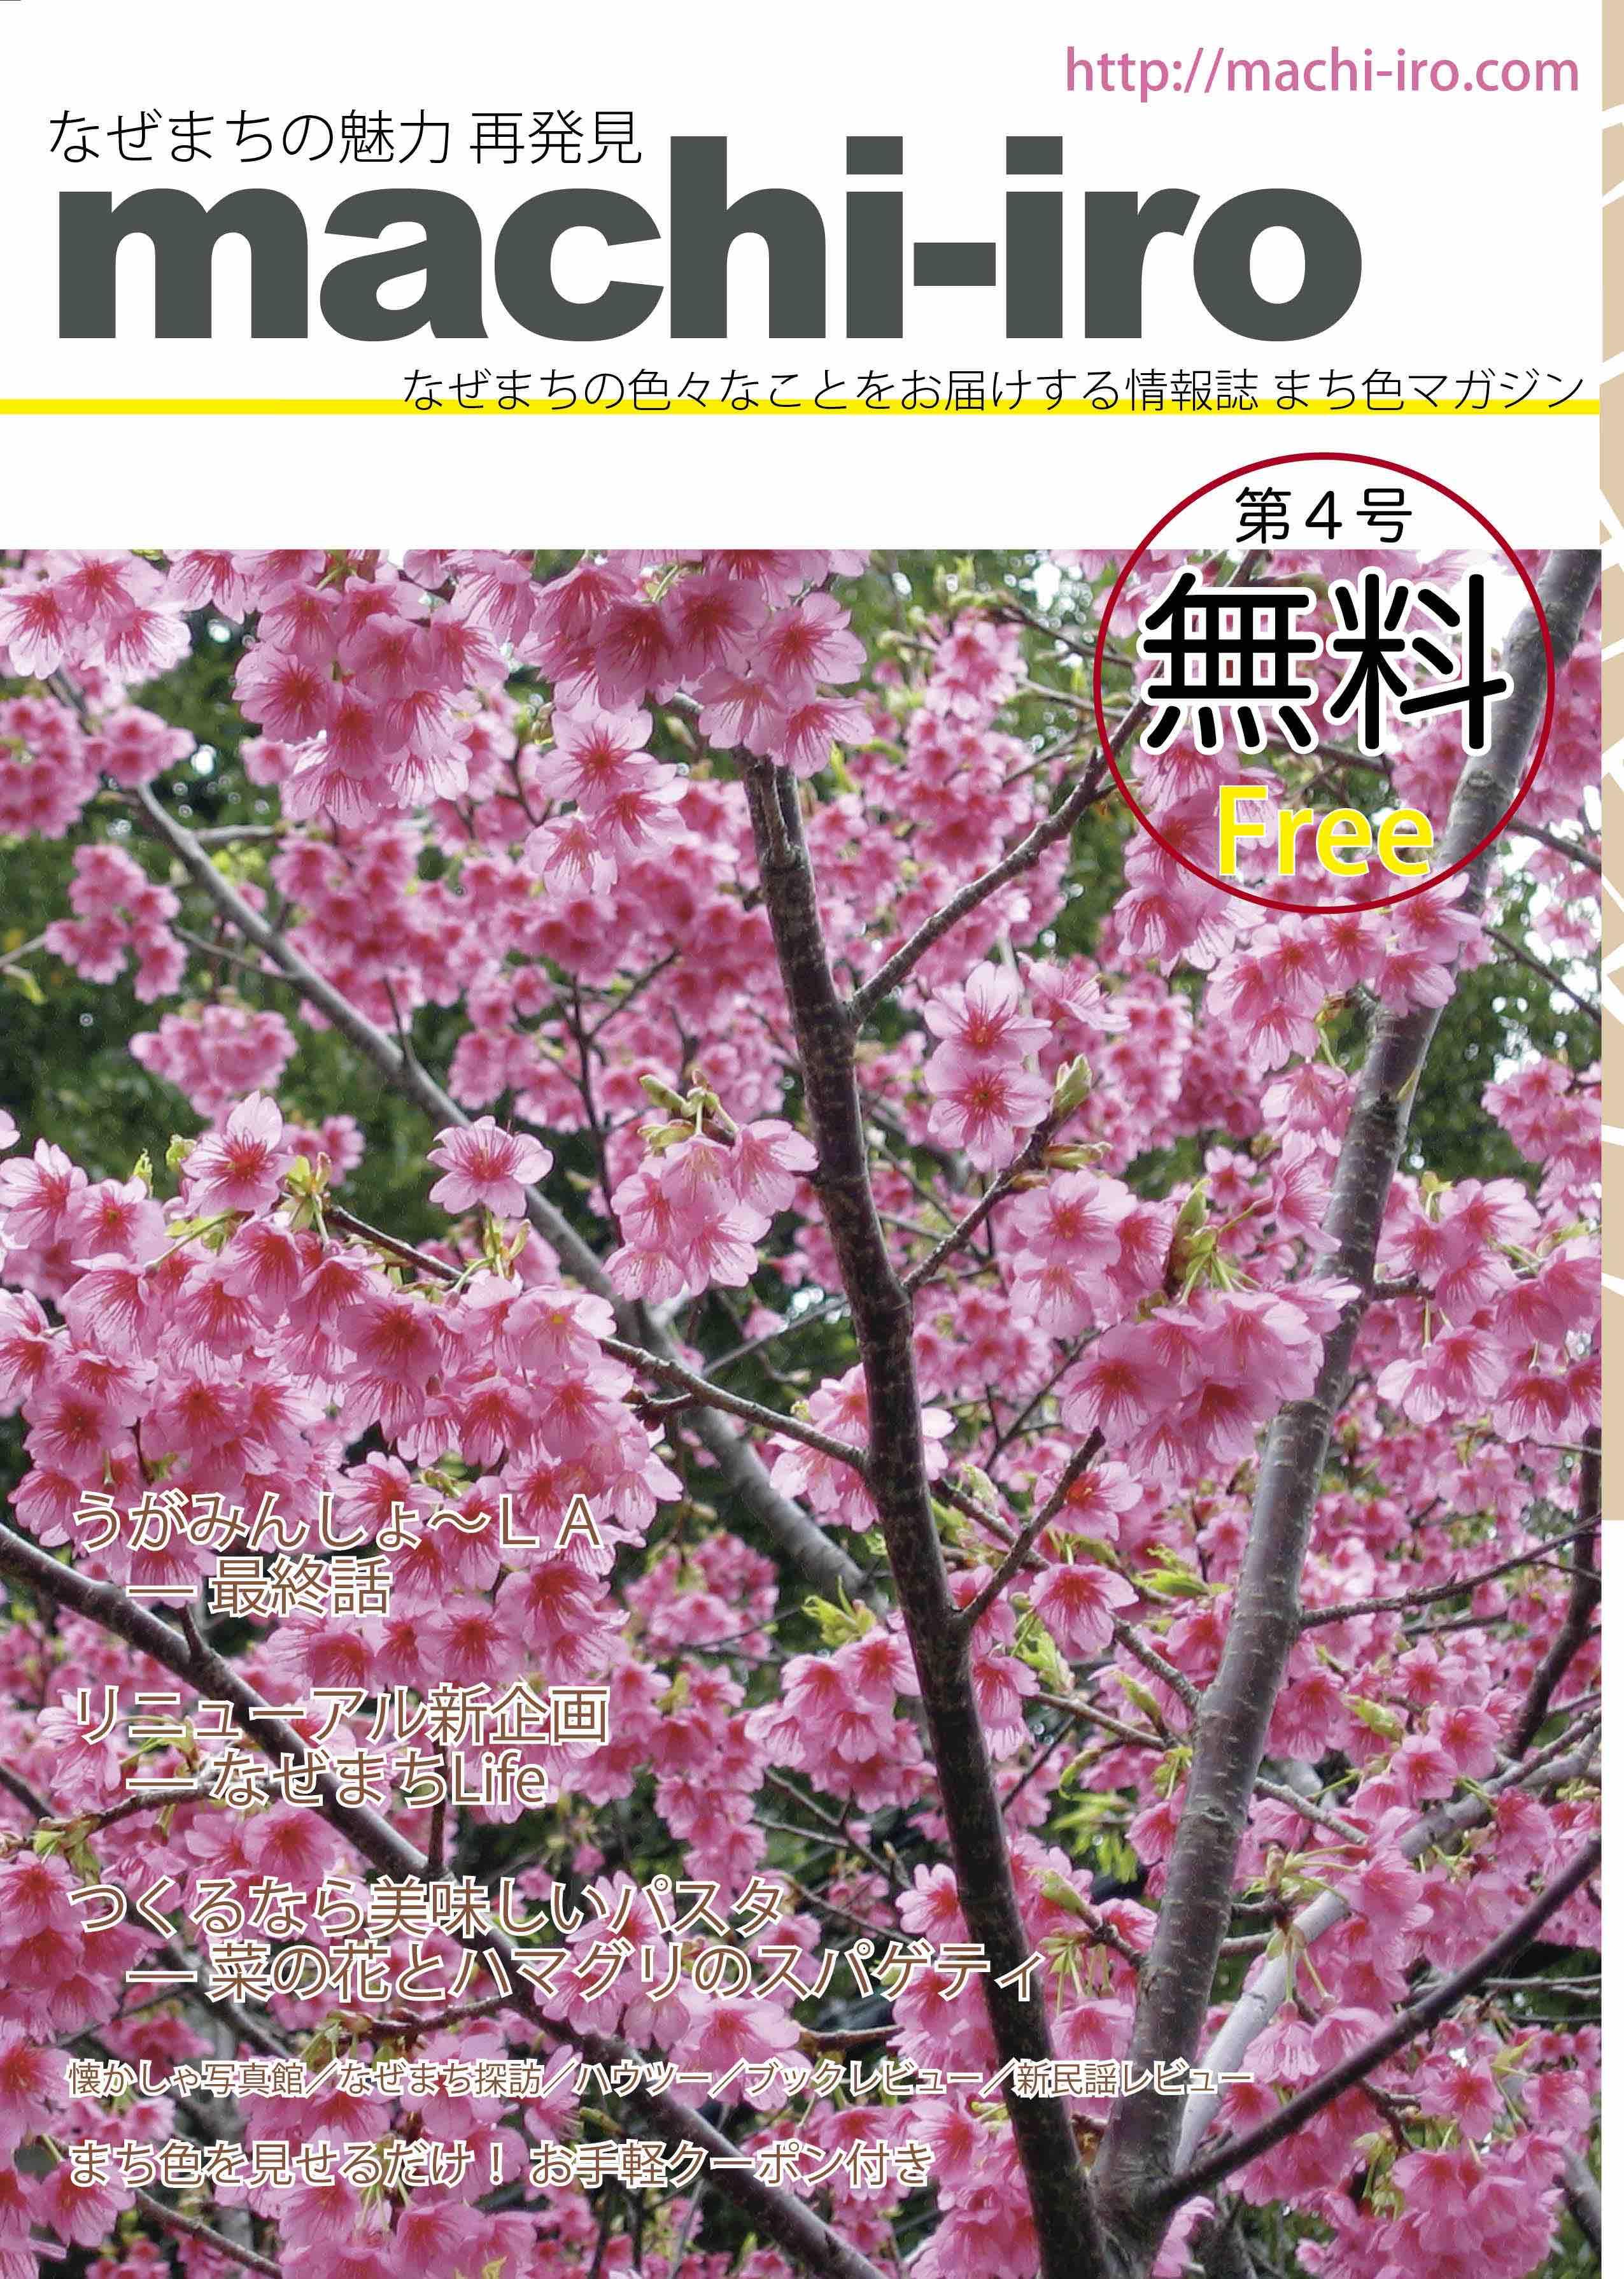 machi-iro magazine #04